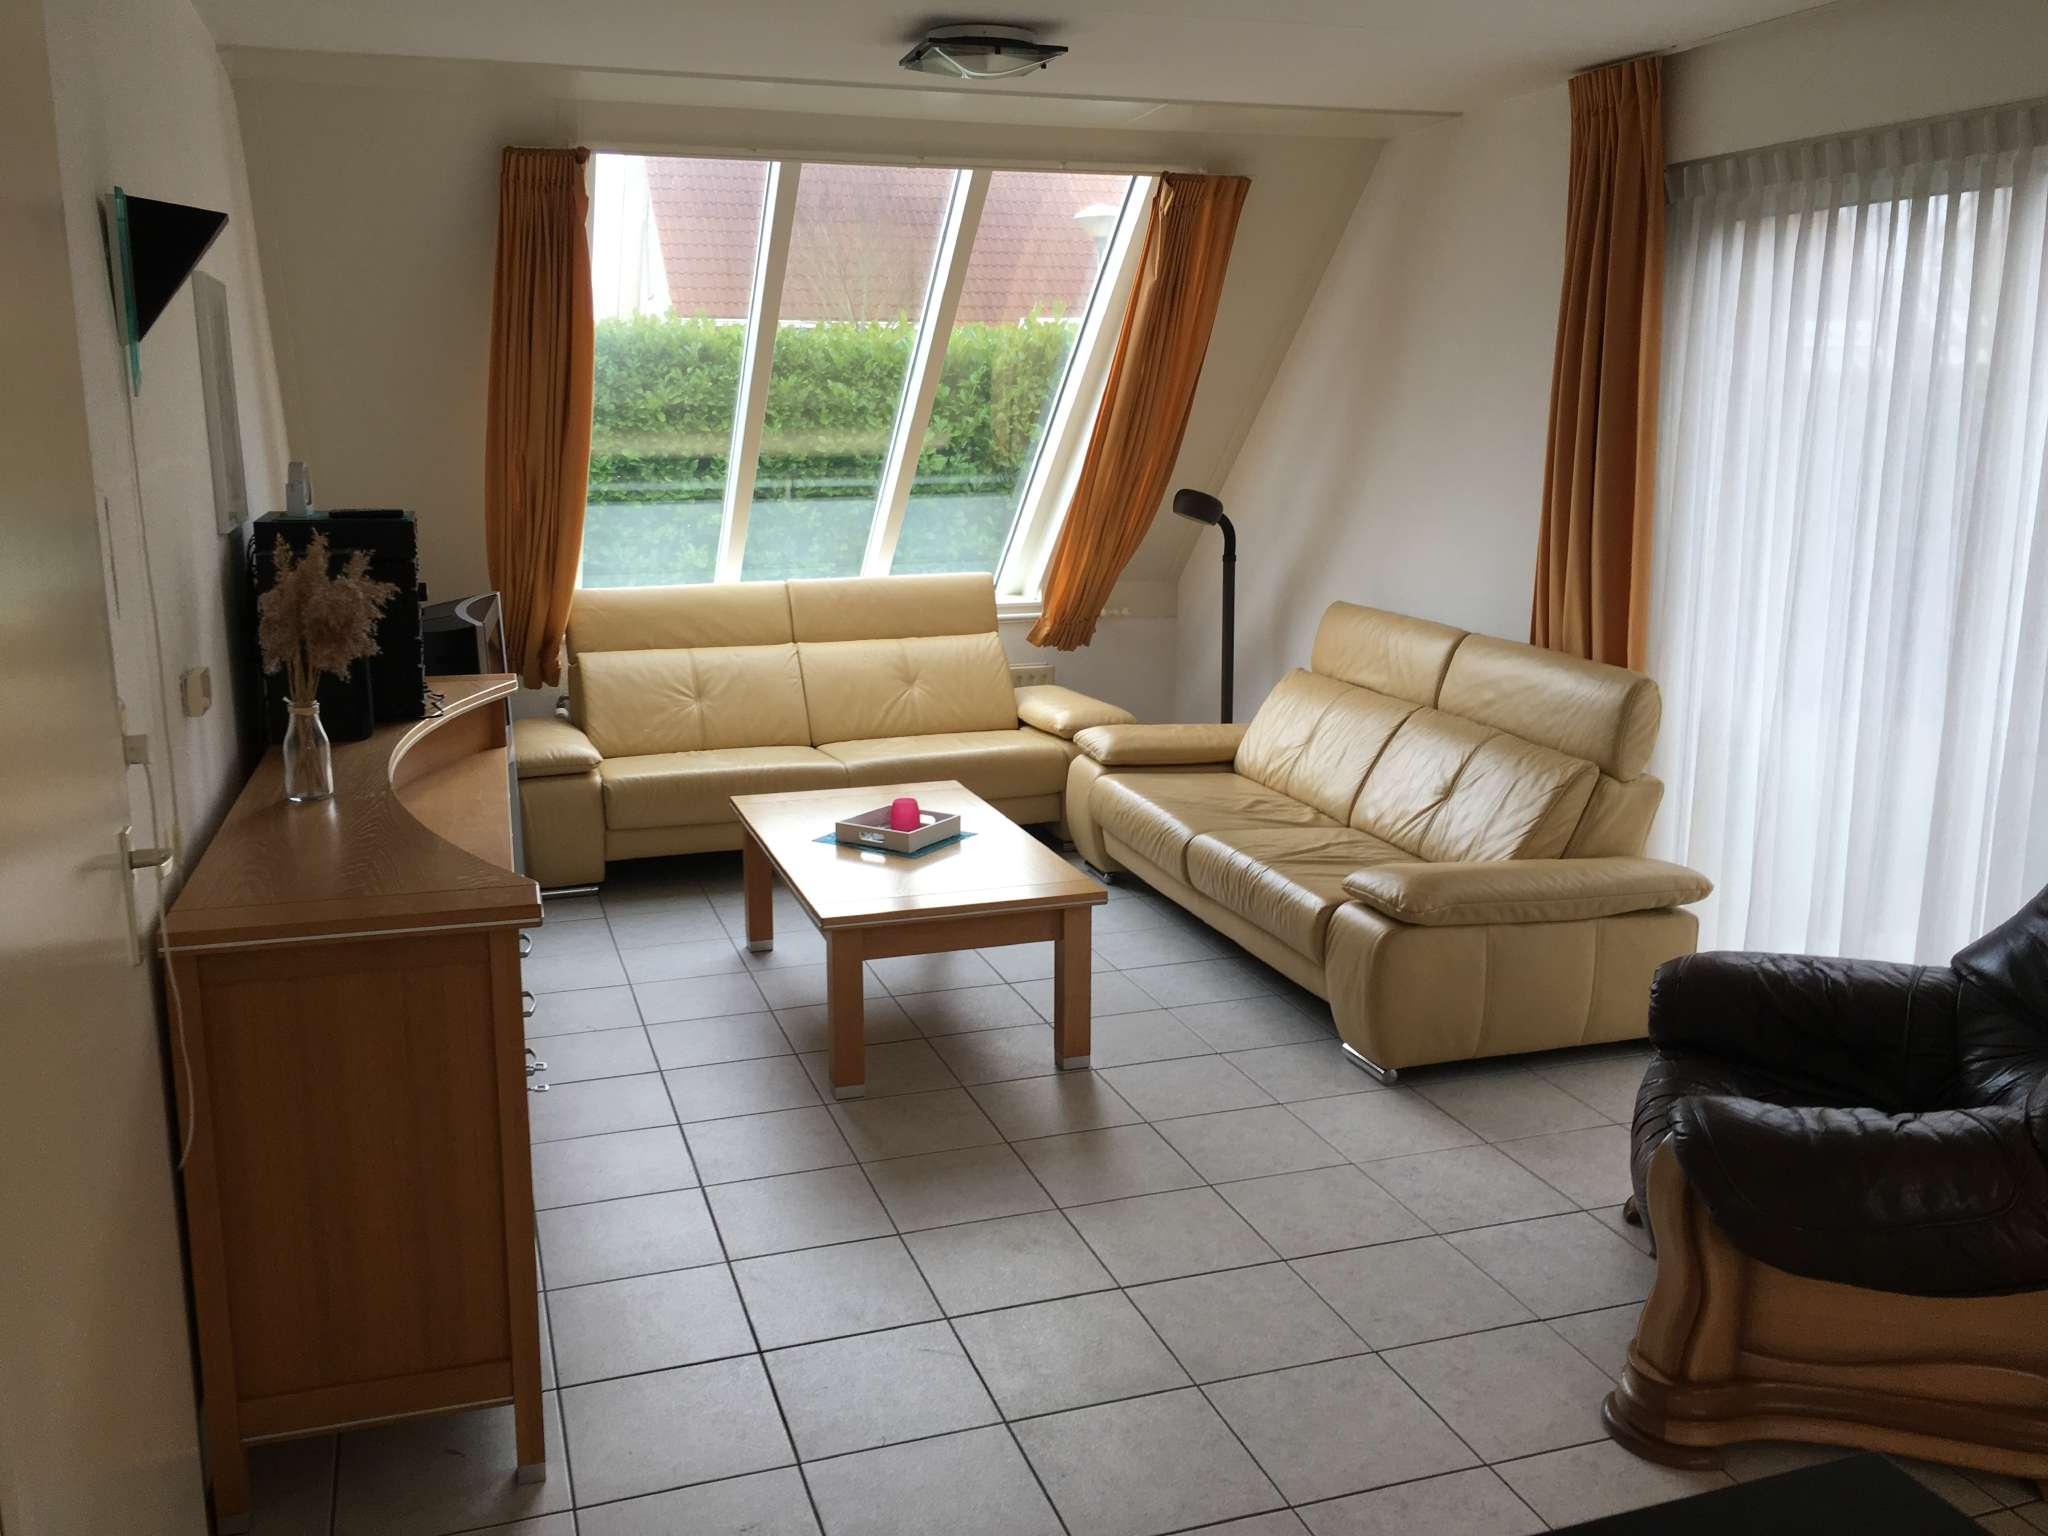 Zusatzbild Nr. 05 von Zeeland Village - Ferienhaus Schijf